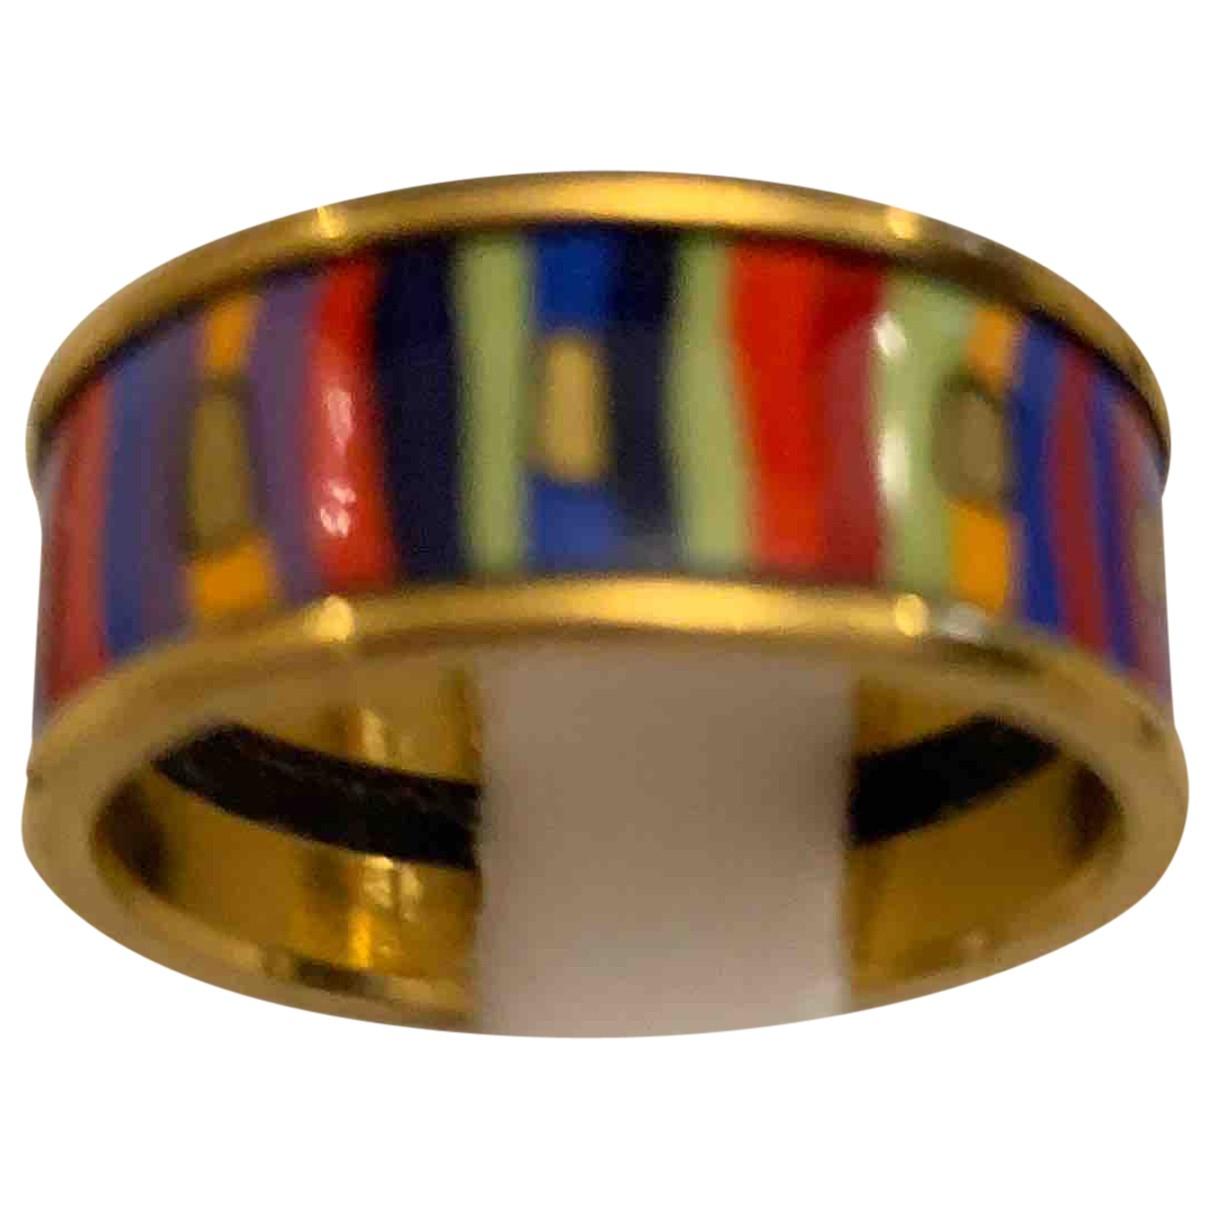 Frye - Bague   pour femme en metal - multicolore